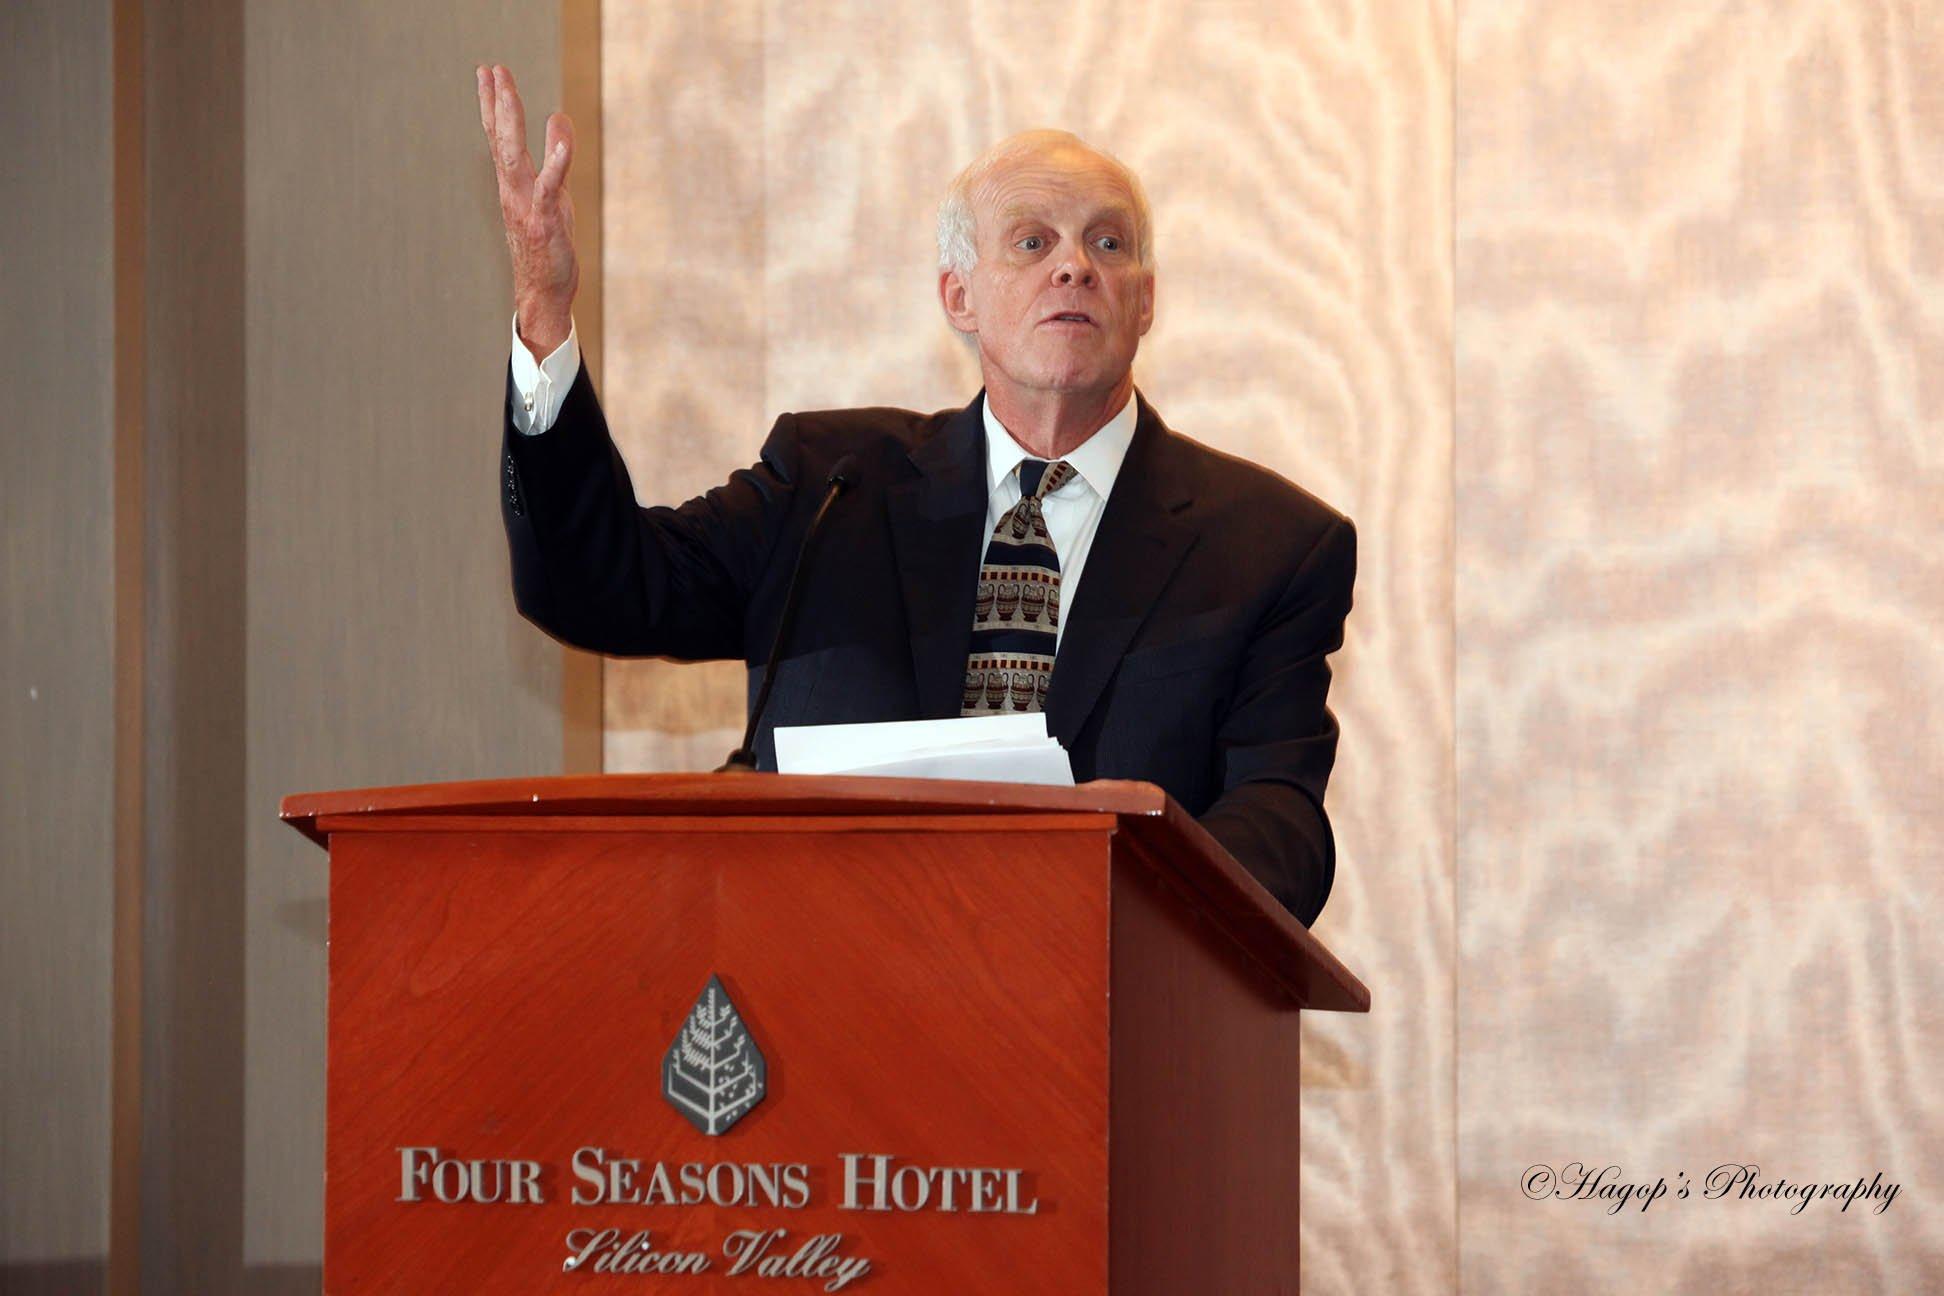 speaker raising hand